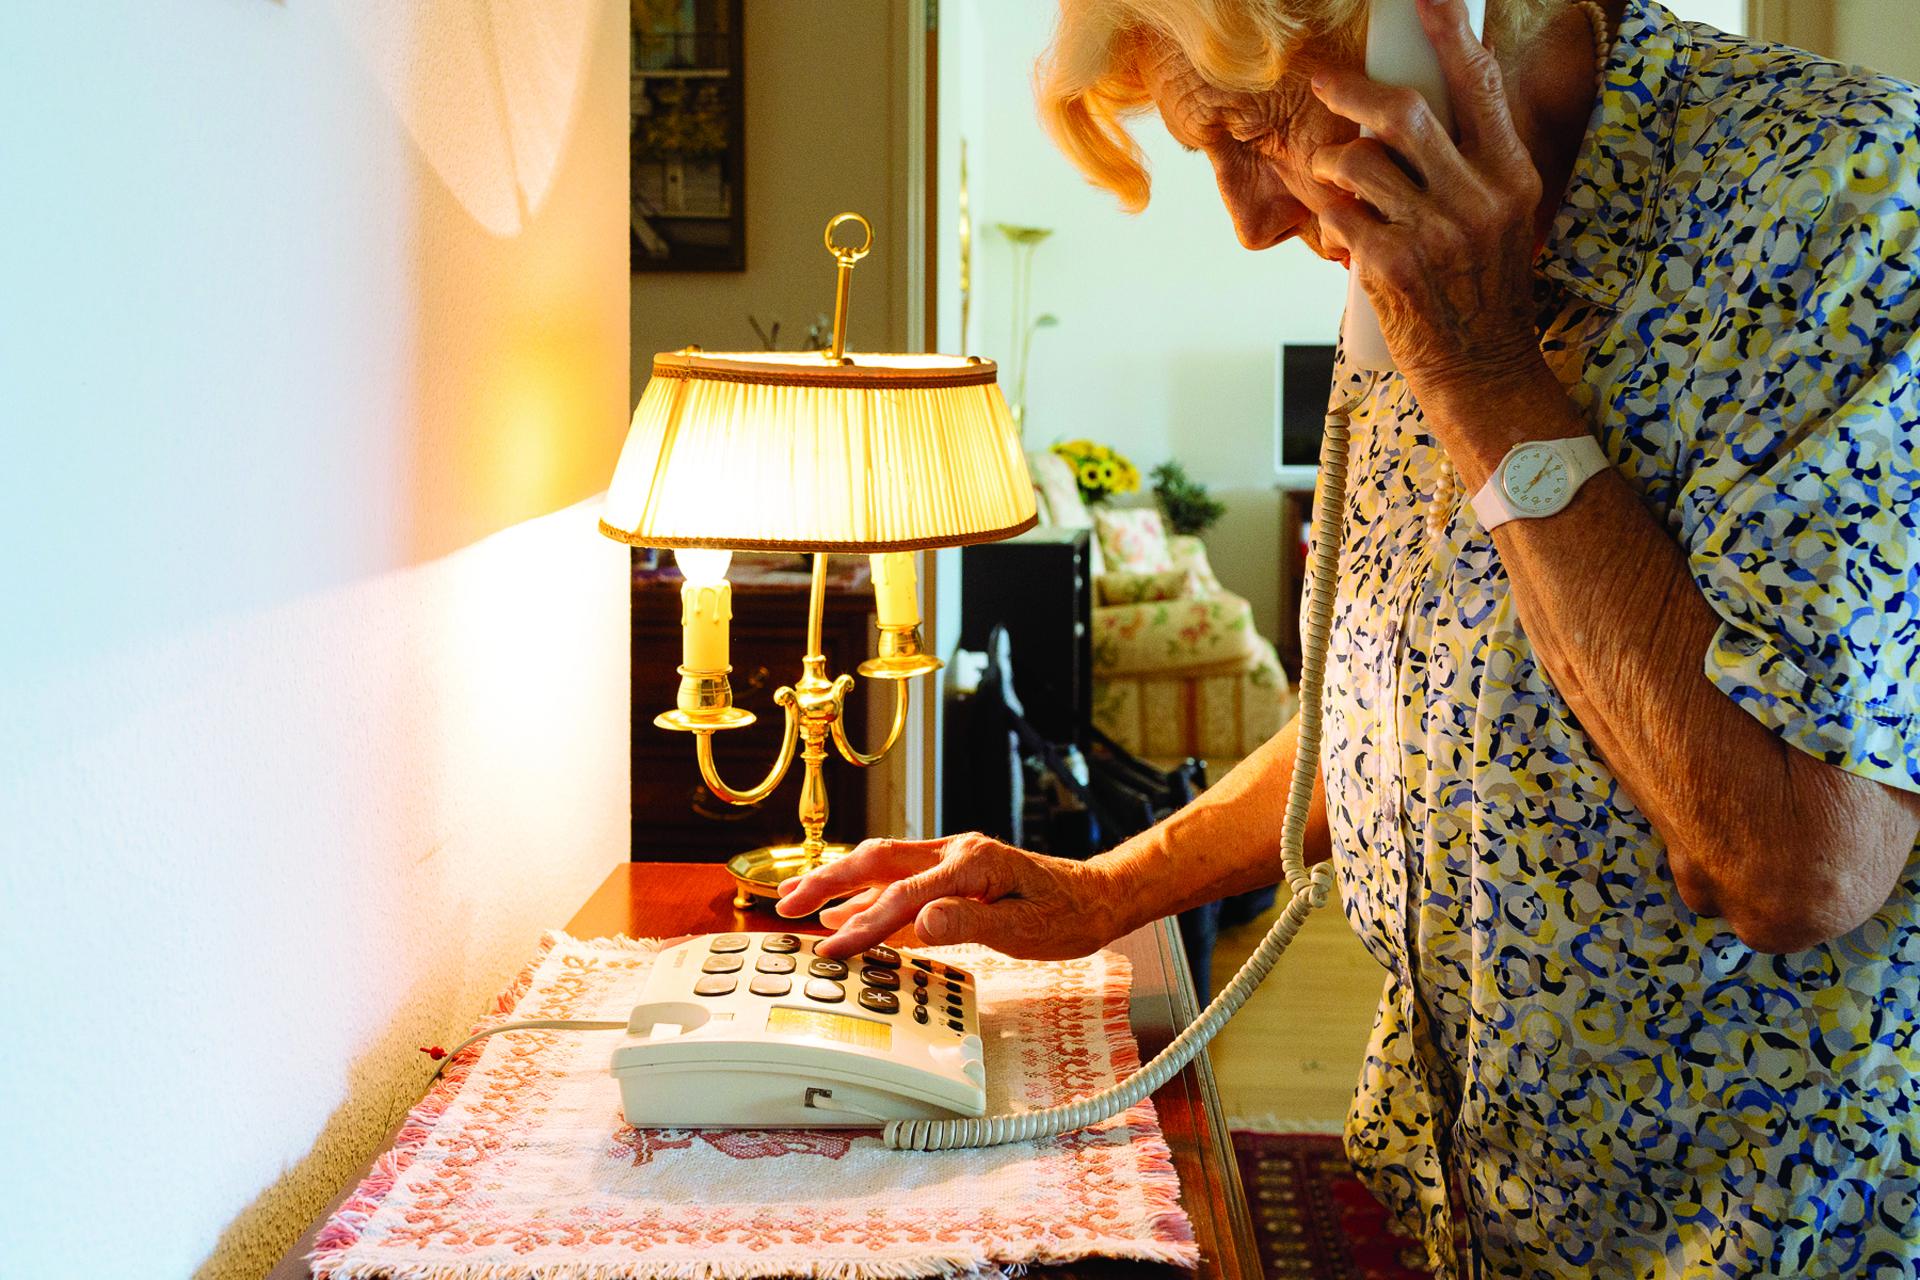 Photo: Une personne malvoyante âgée compose un numéro sur son téléphone à touches agrandies et contrastées.